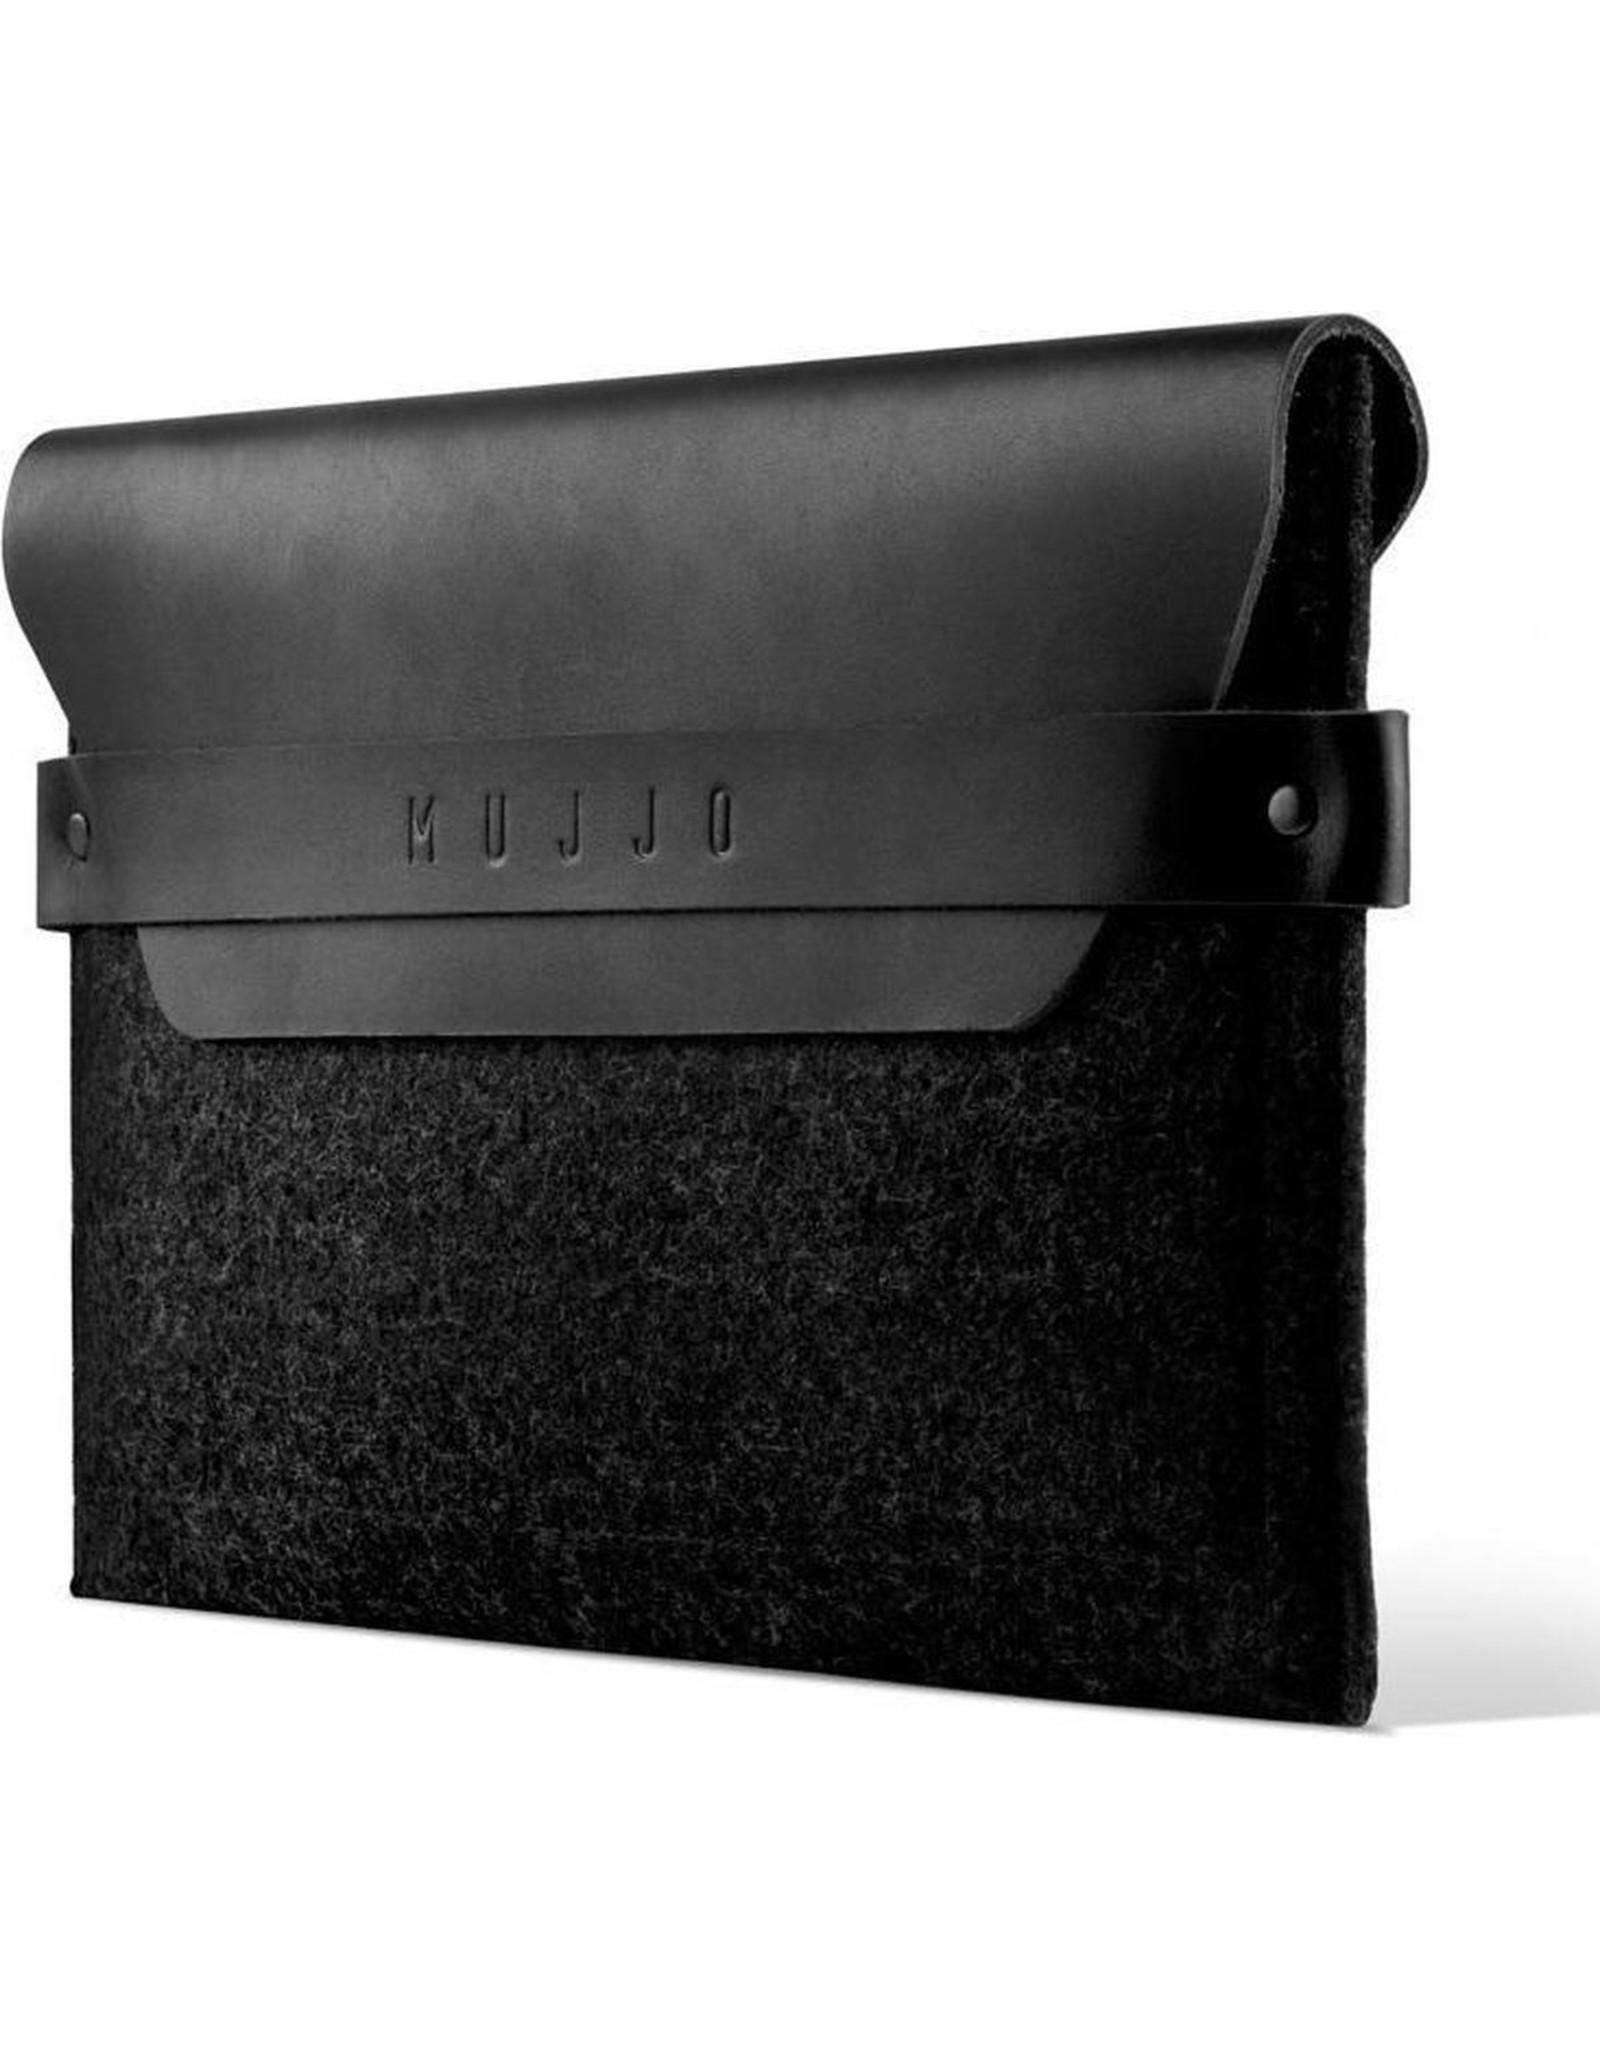 Mujjo Mujjo Slim Fit iPad Mini Sleeve - Black